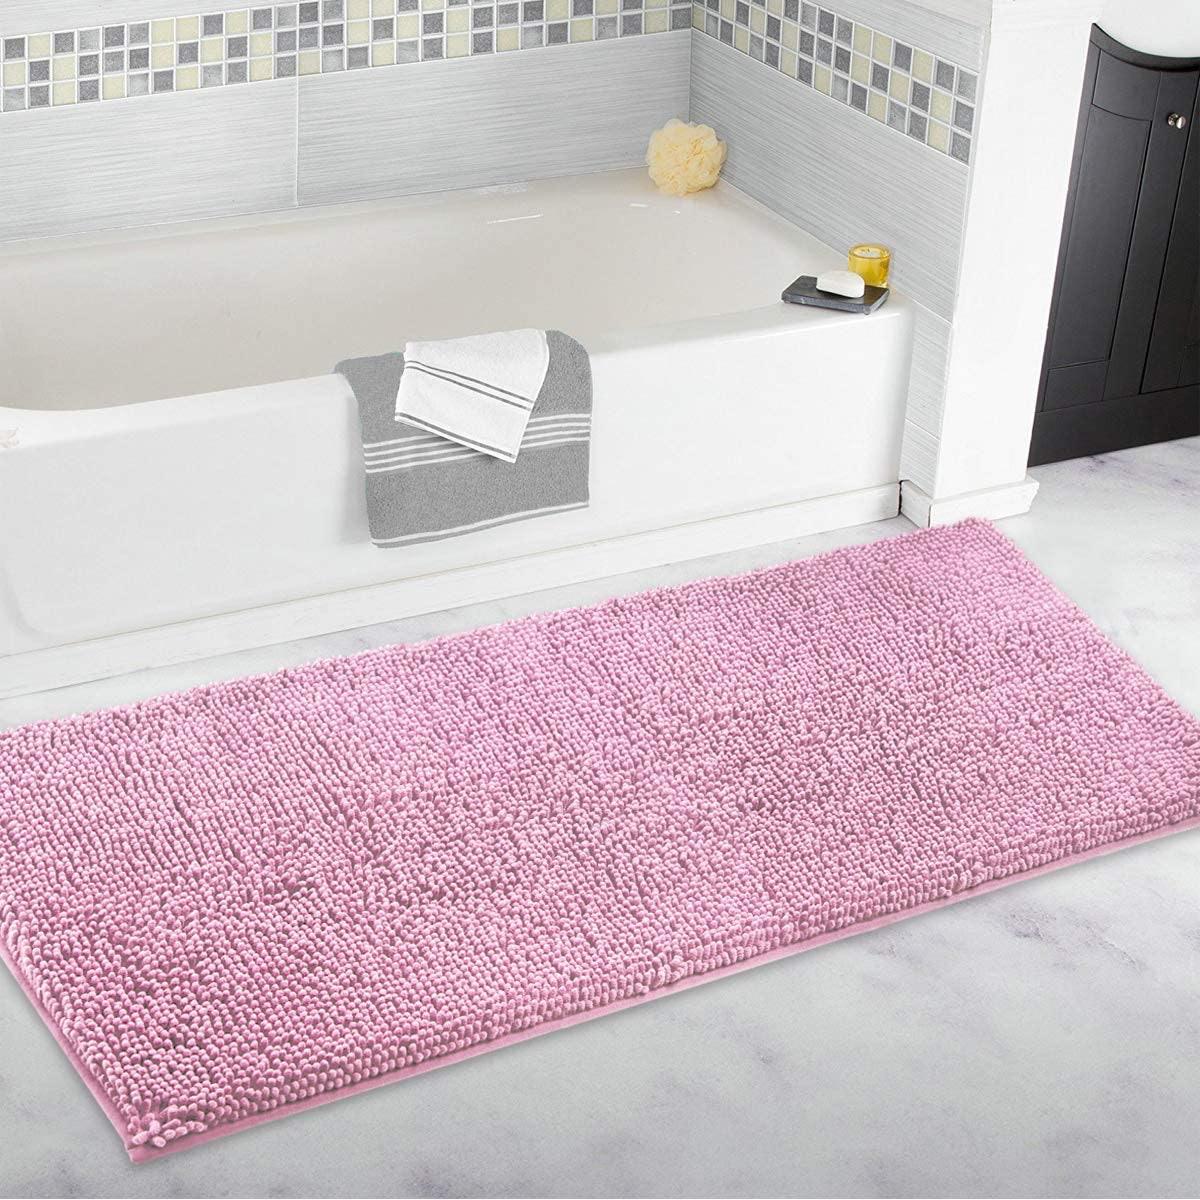 Mayshine  Luxury Chenille Bath Rug